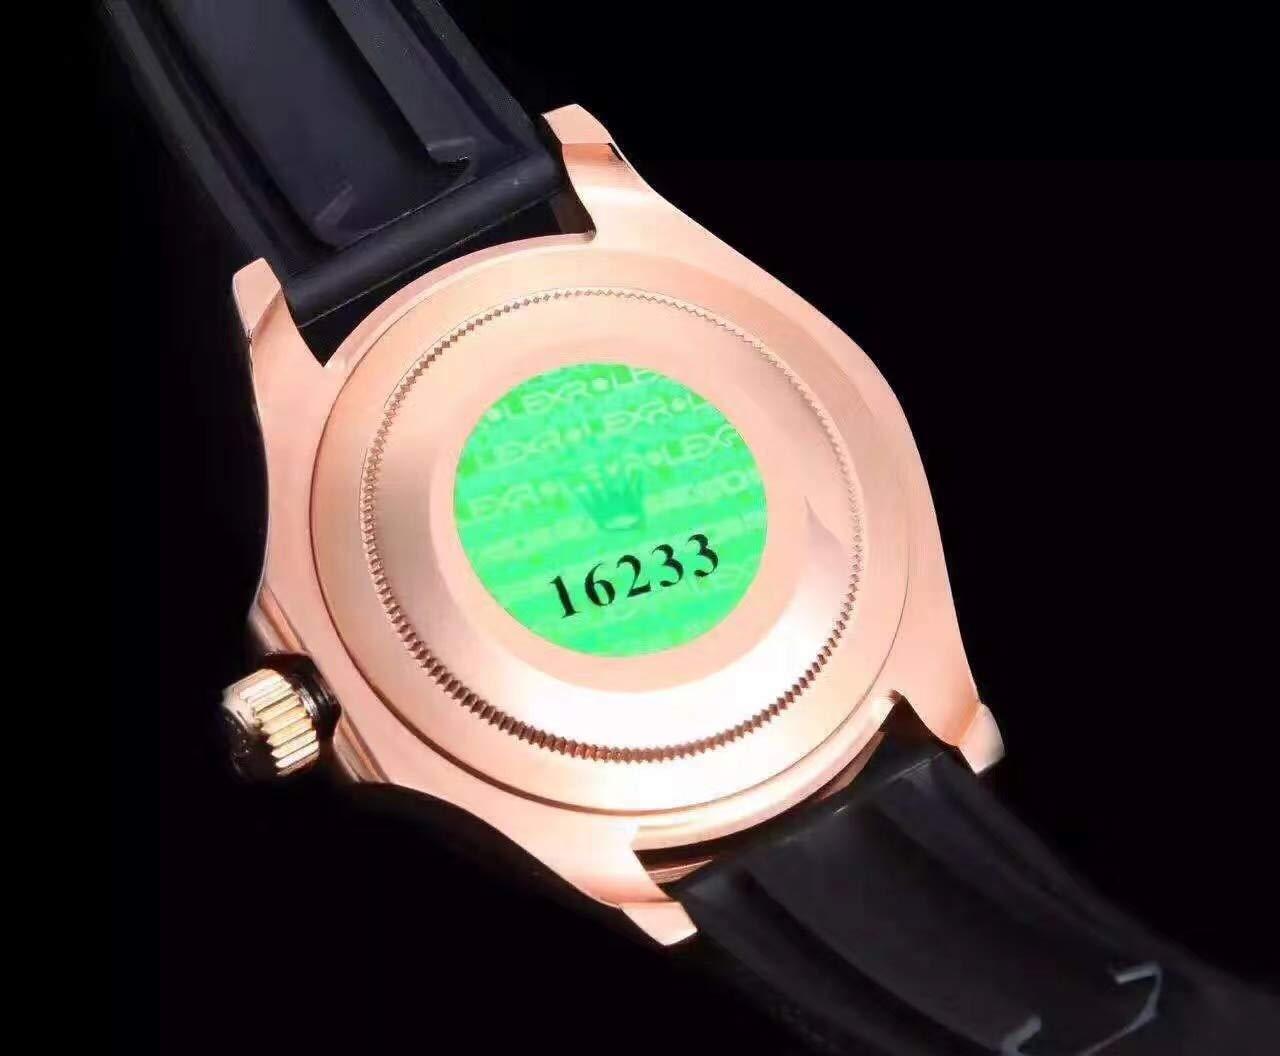 Svart gummi silver roséguld keramisk infattning män klocka safir vattentät automatiska mekaniska sportklockor 40mm Silver